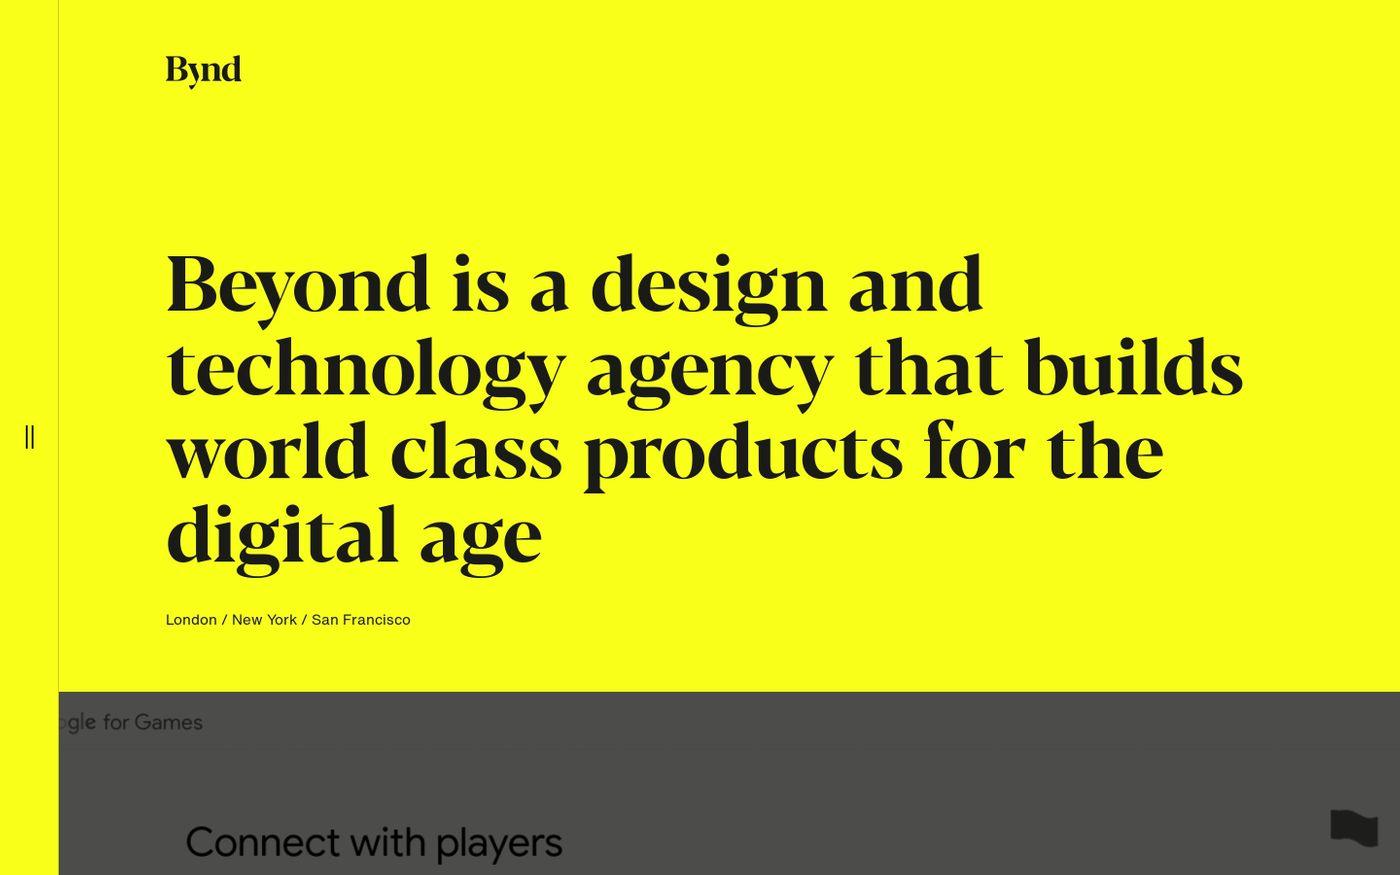 Screenshot of Beyond website